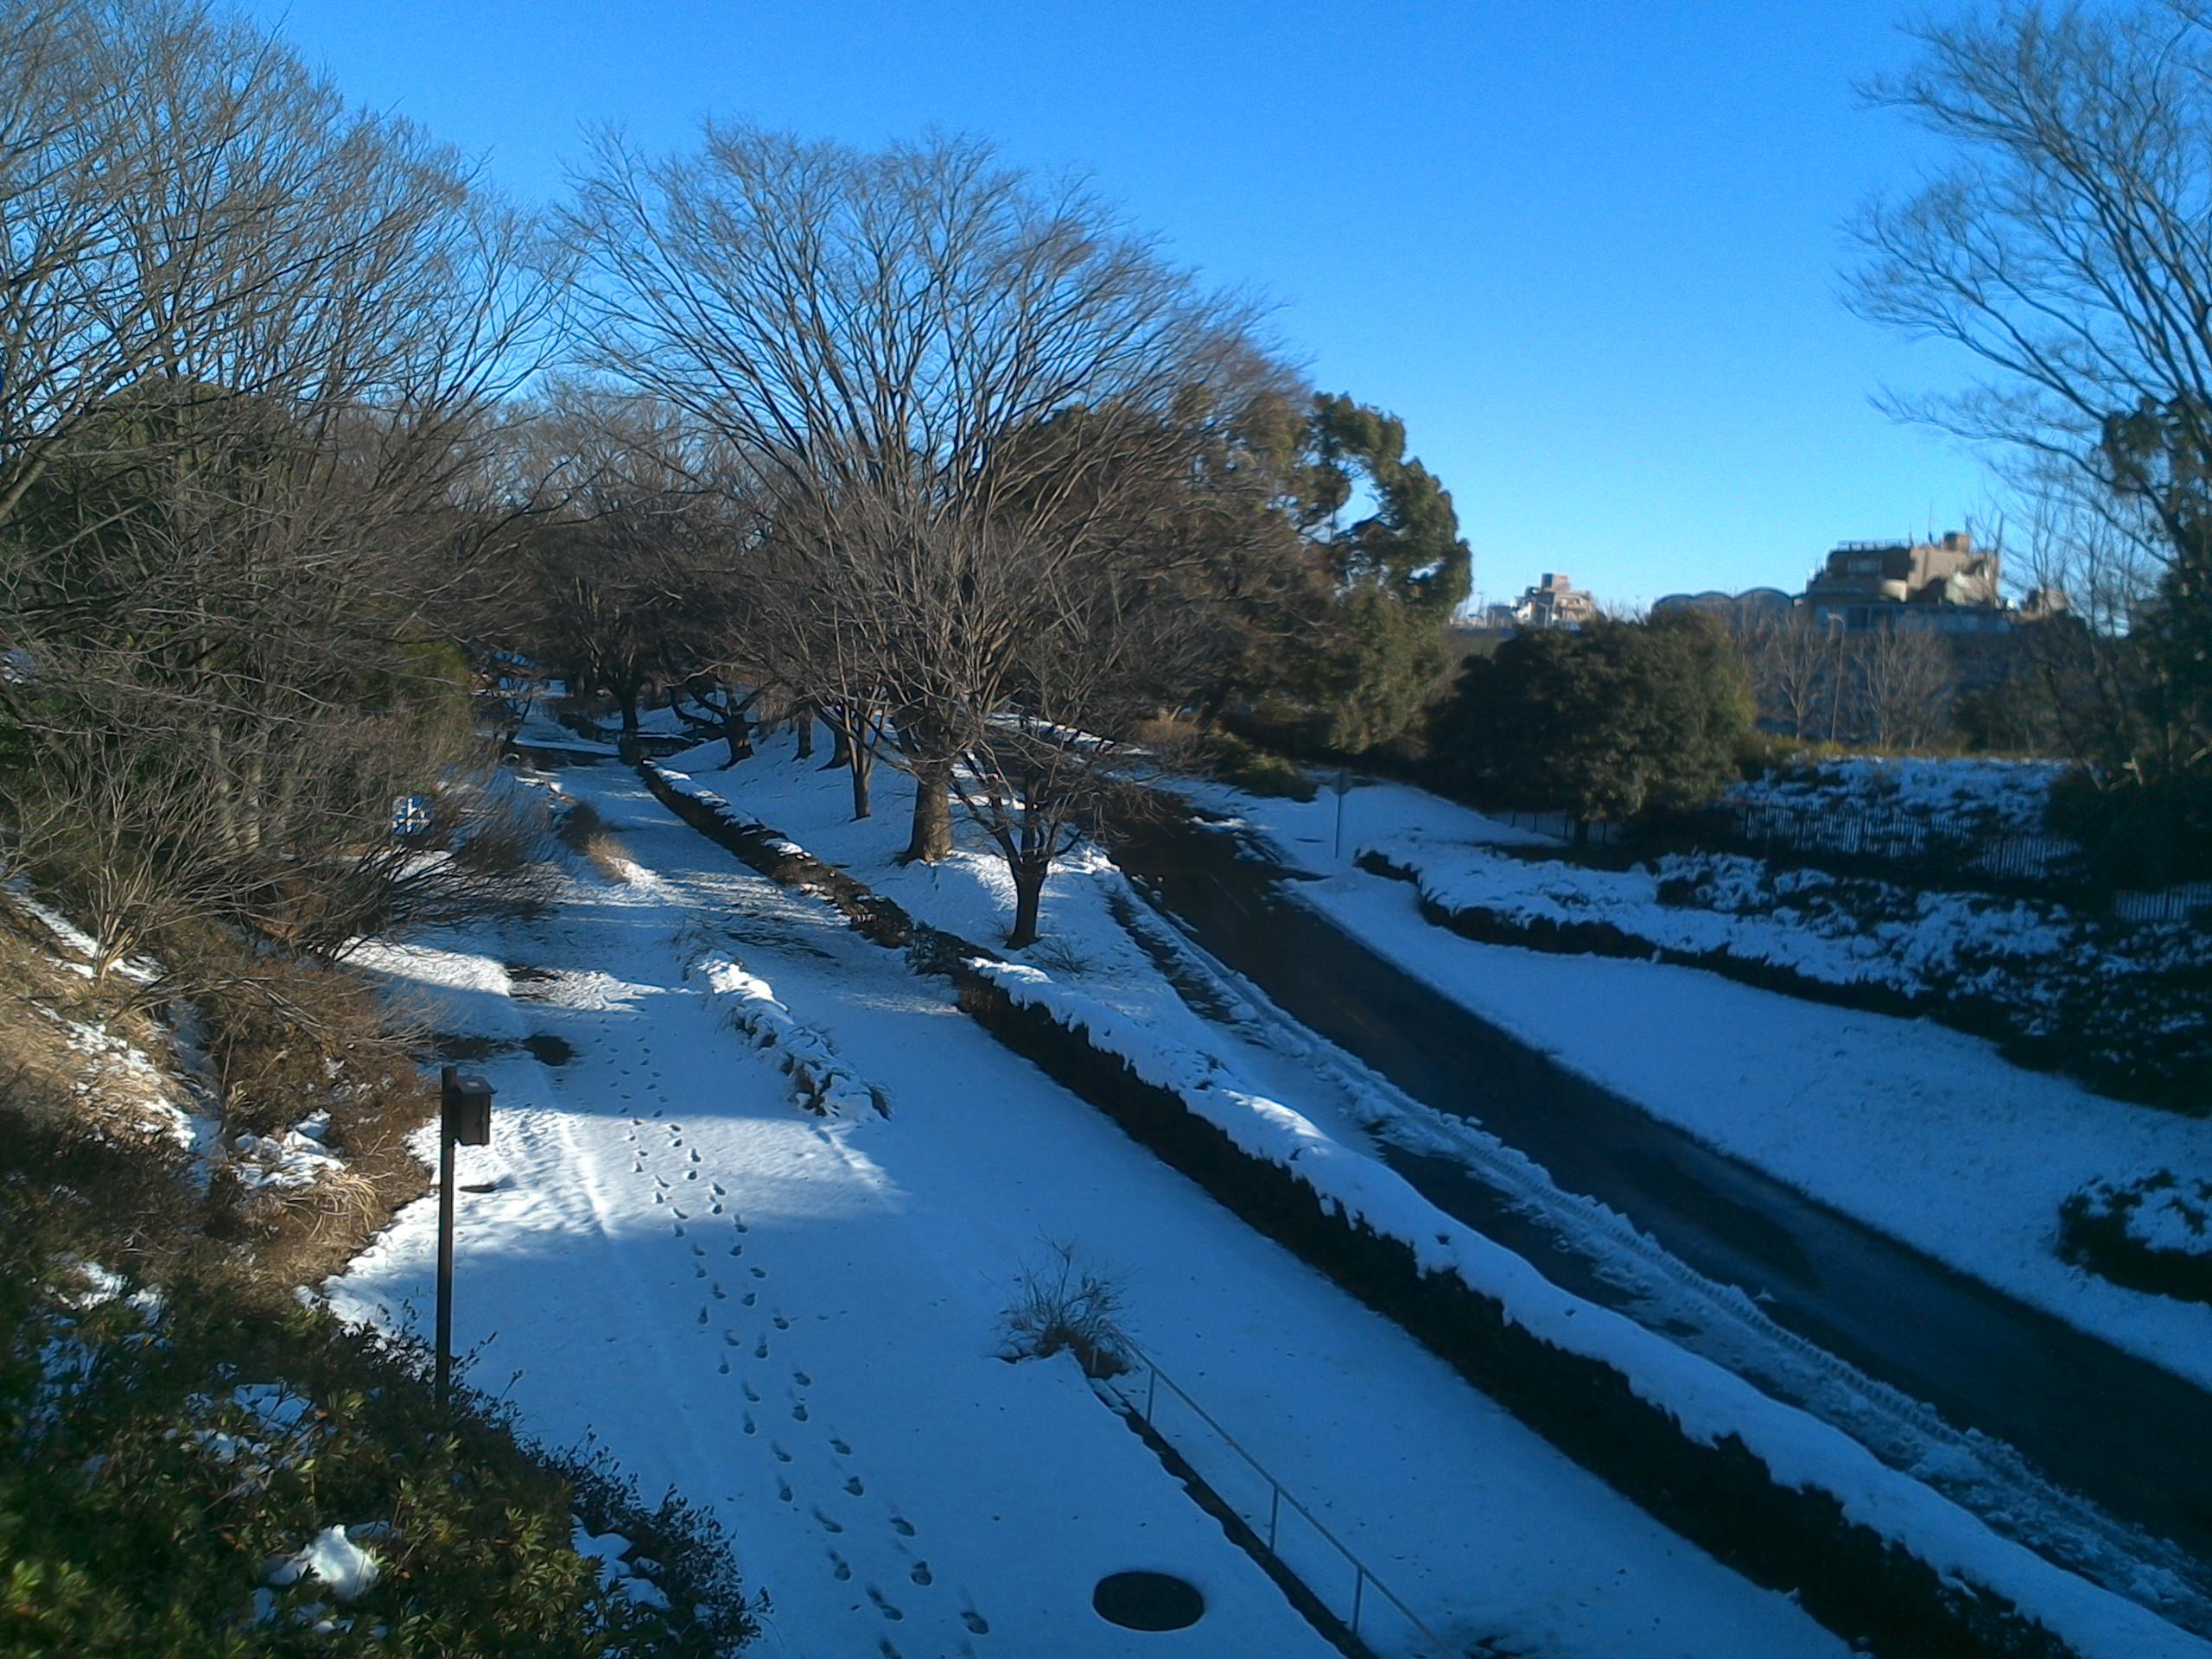 橋からみた雪景色